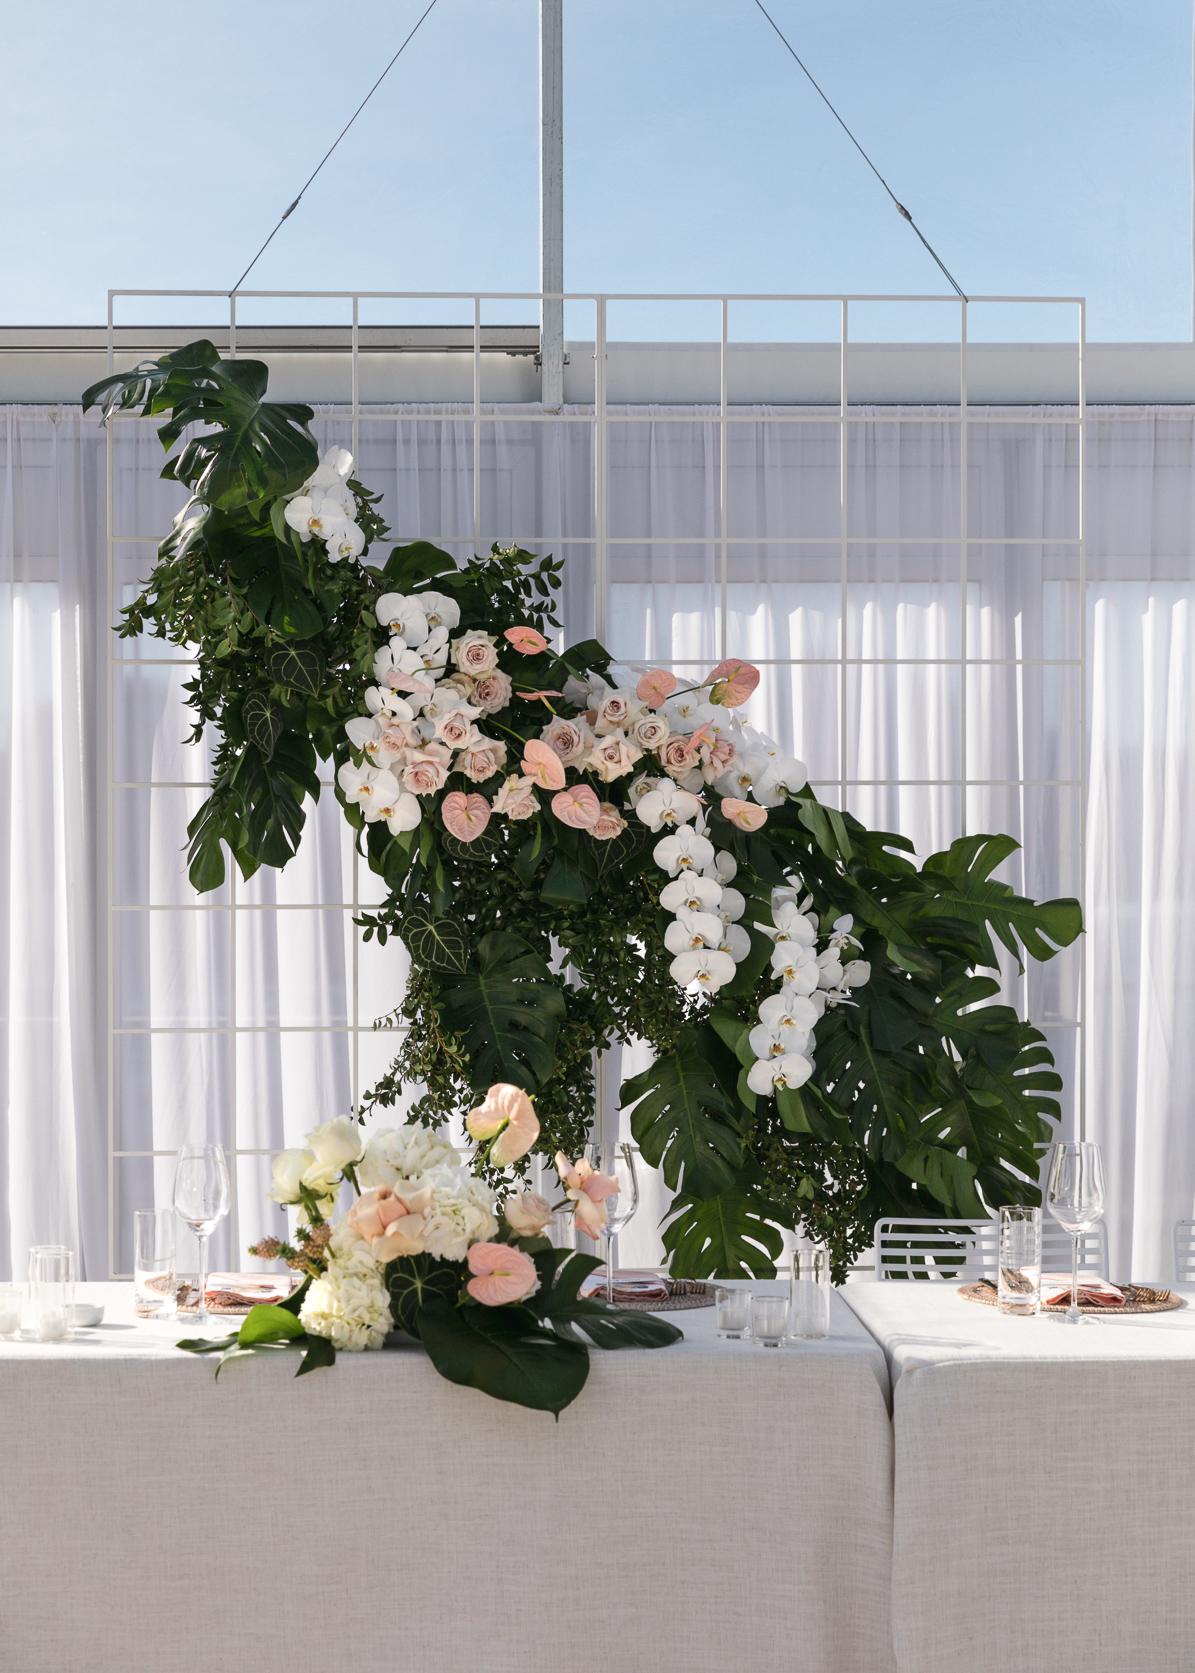 ©MichelleWeir-Blush-TaraIti-Wedding-72dpi-071.jpg